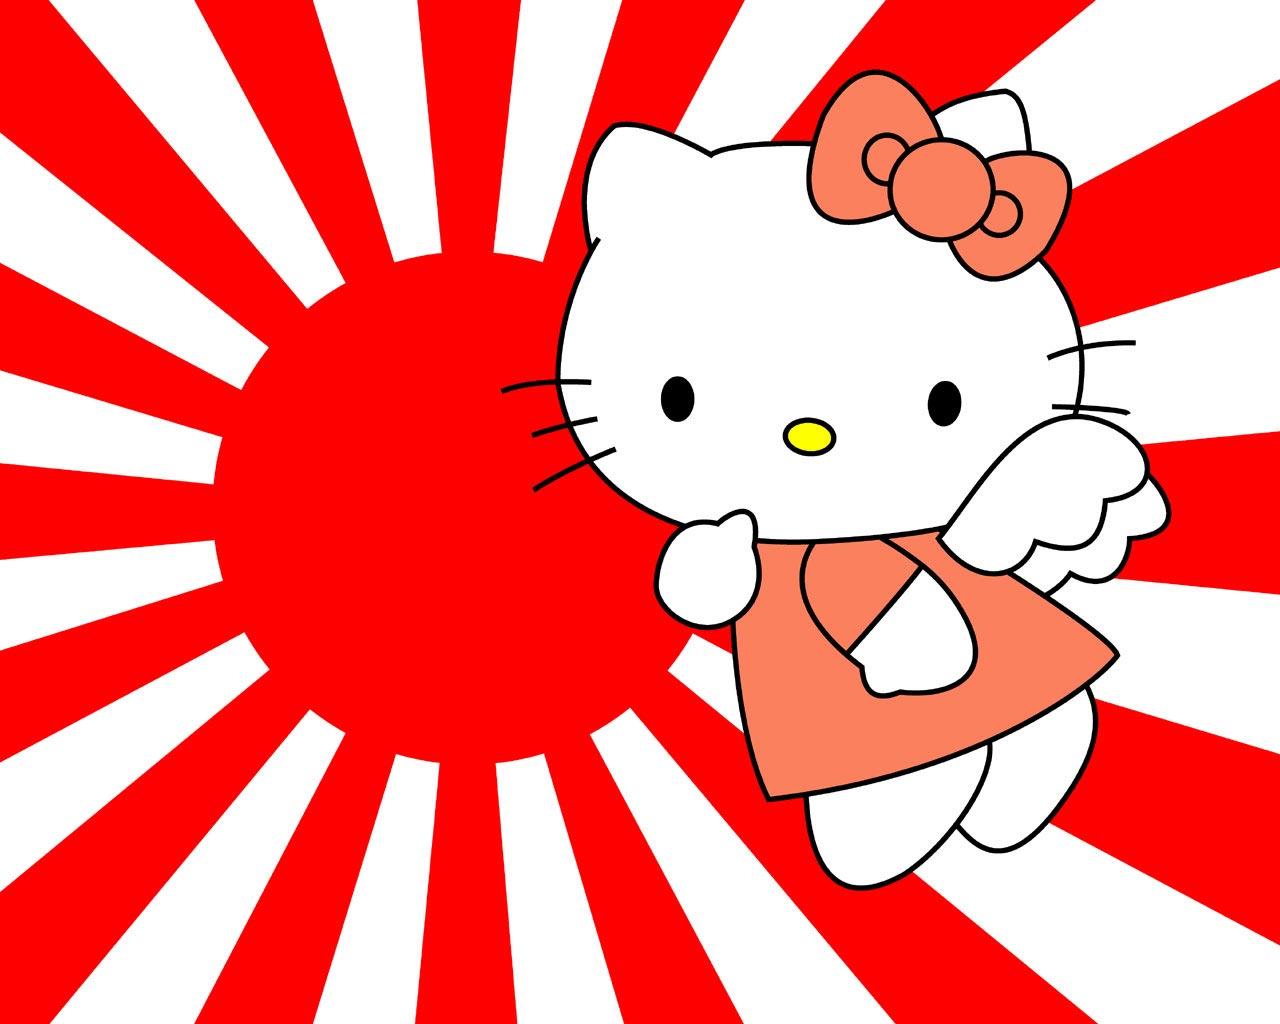 Descargar gratis fondo de pantalla infantil para niños de Hello Kitty ...